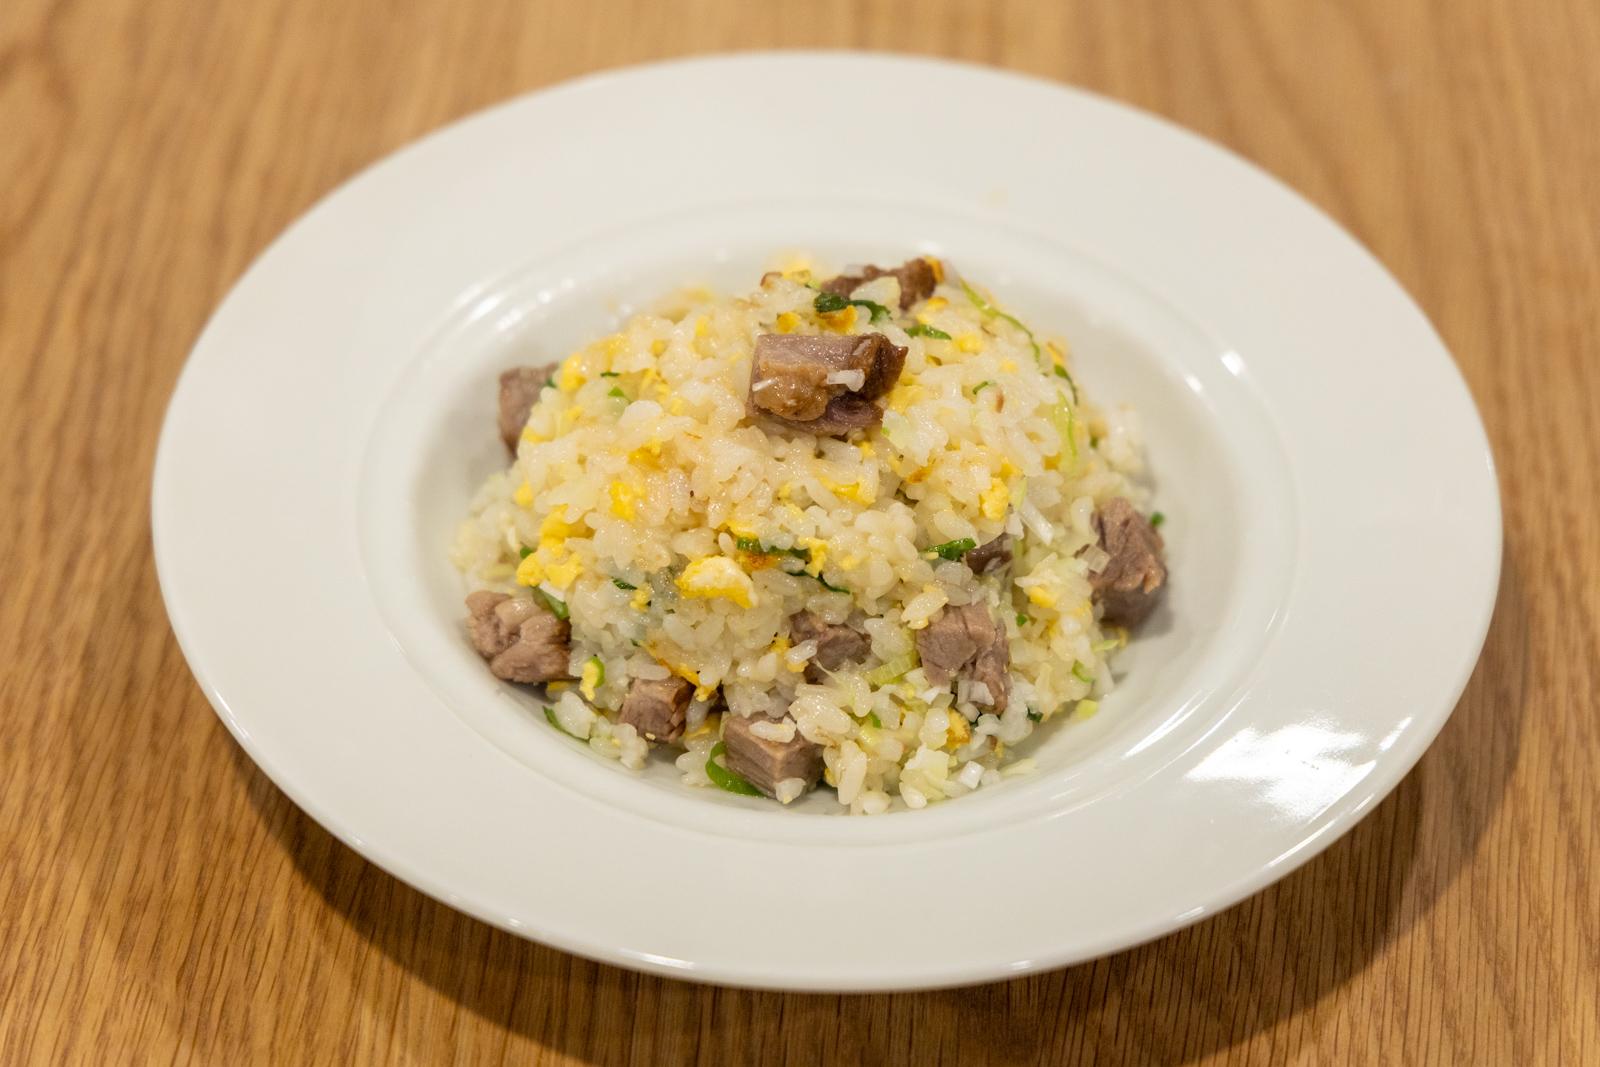 炊飯器がなくてもごはんが炊ける!インスタントポットを使ったおすすめ料理レシピ「白ごはんの炊飯とチャーハン」